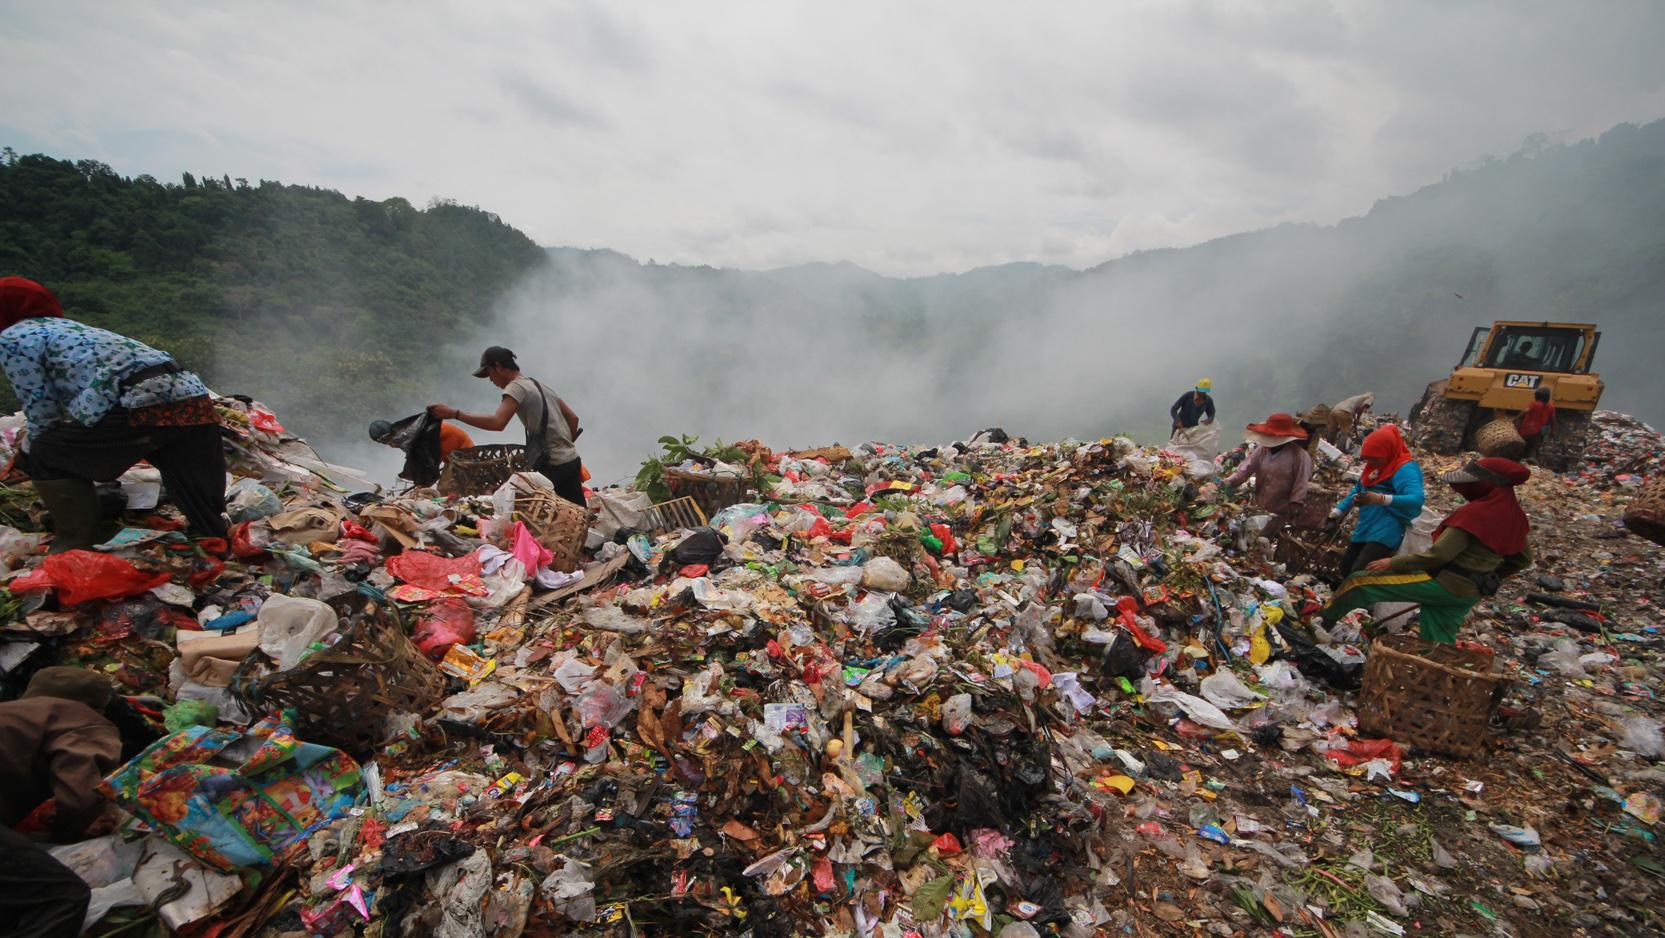 Pemulung mencari barang-barang bekas di antara tumpukan sampah meski asap putih sisa kebakaran kemarin masih mengepul, Jumat (8/12). (Lampungnews.com/El Shinta)